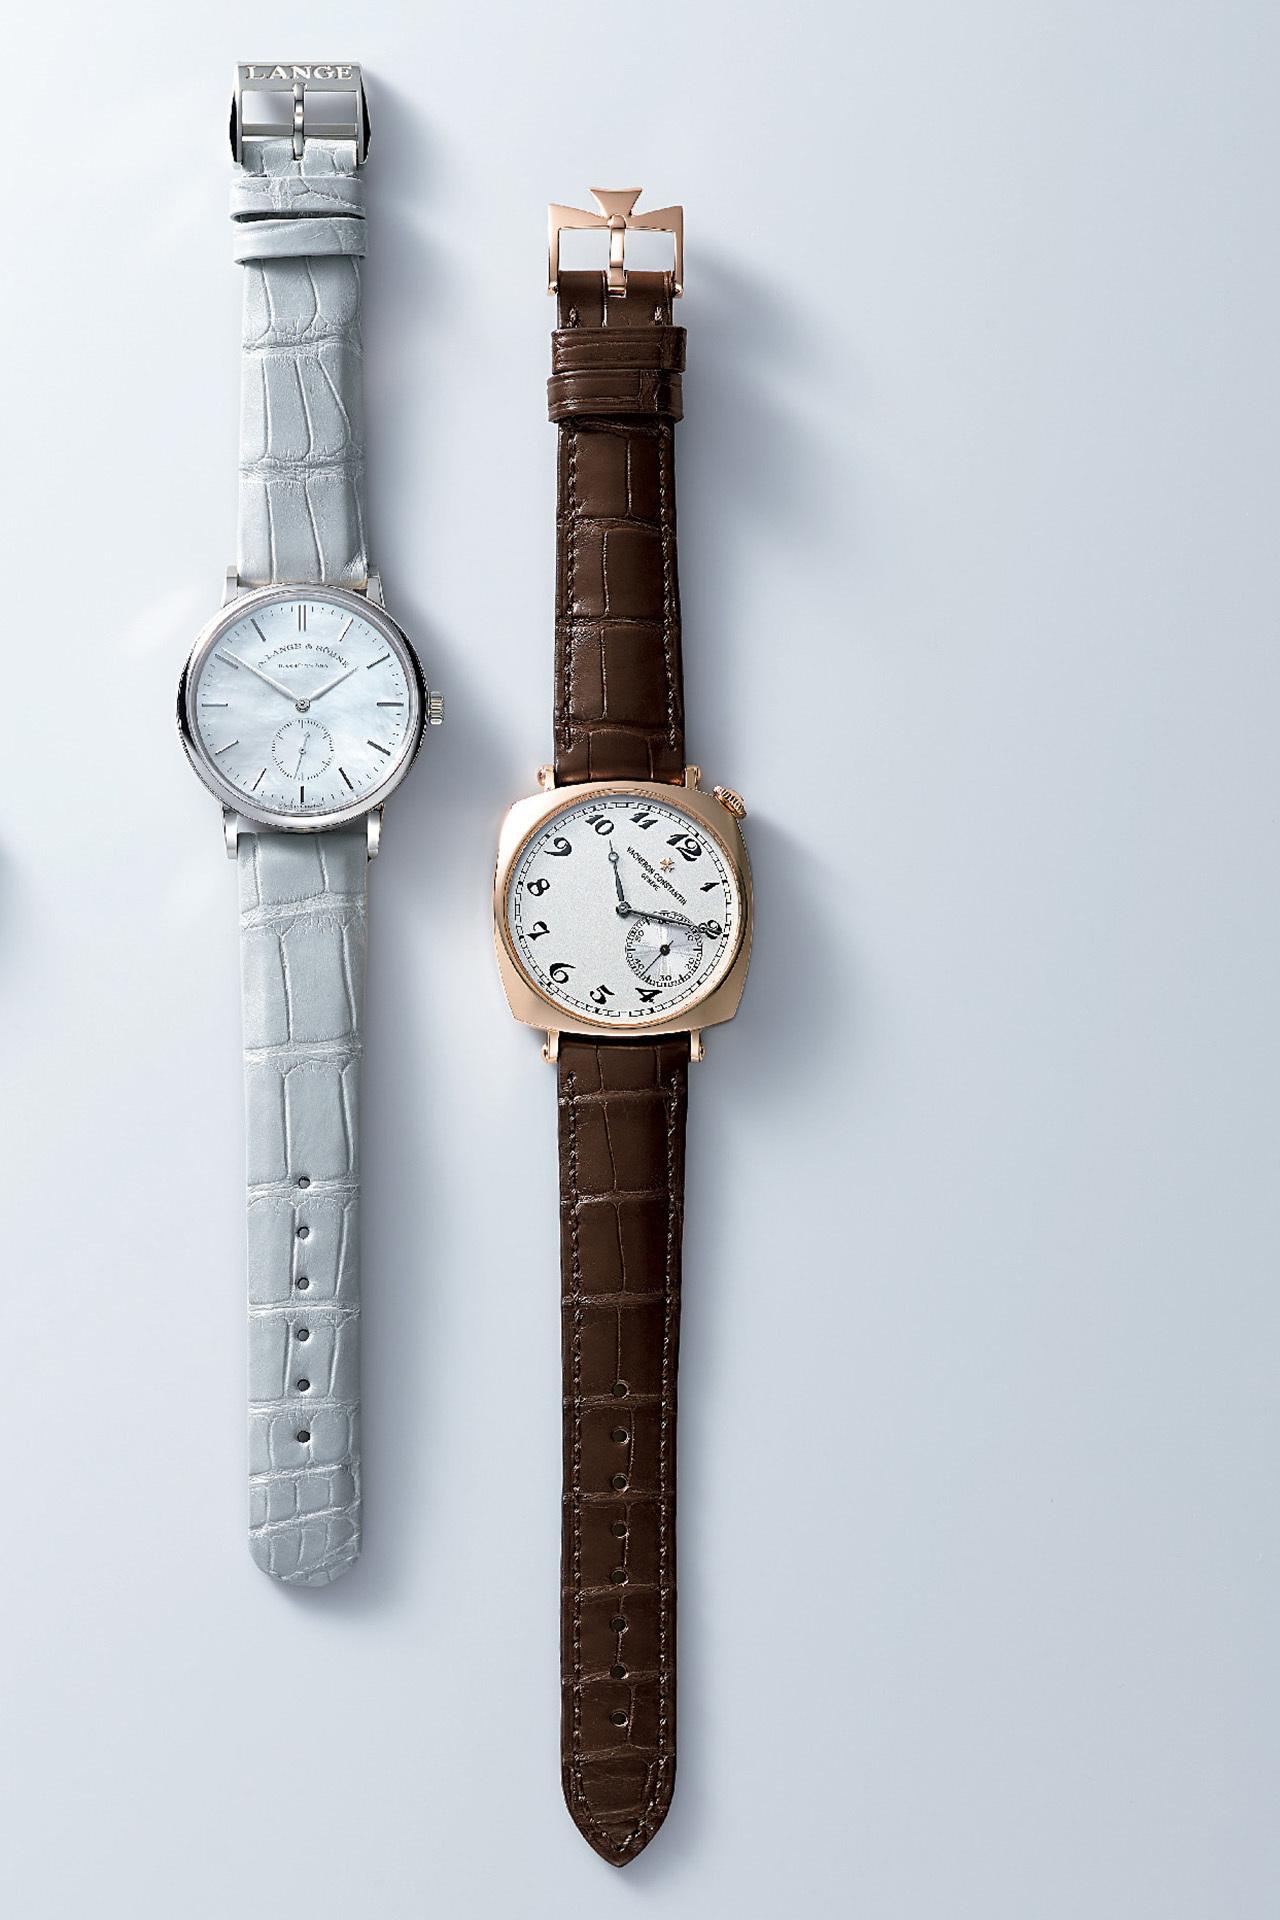 ビジネス服には本格派時計と女らしい時計を効かせて 五選_1_1-4